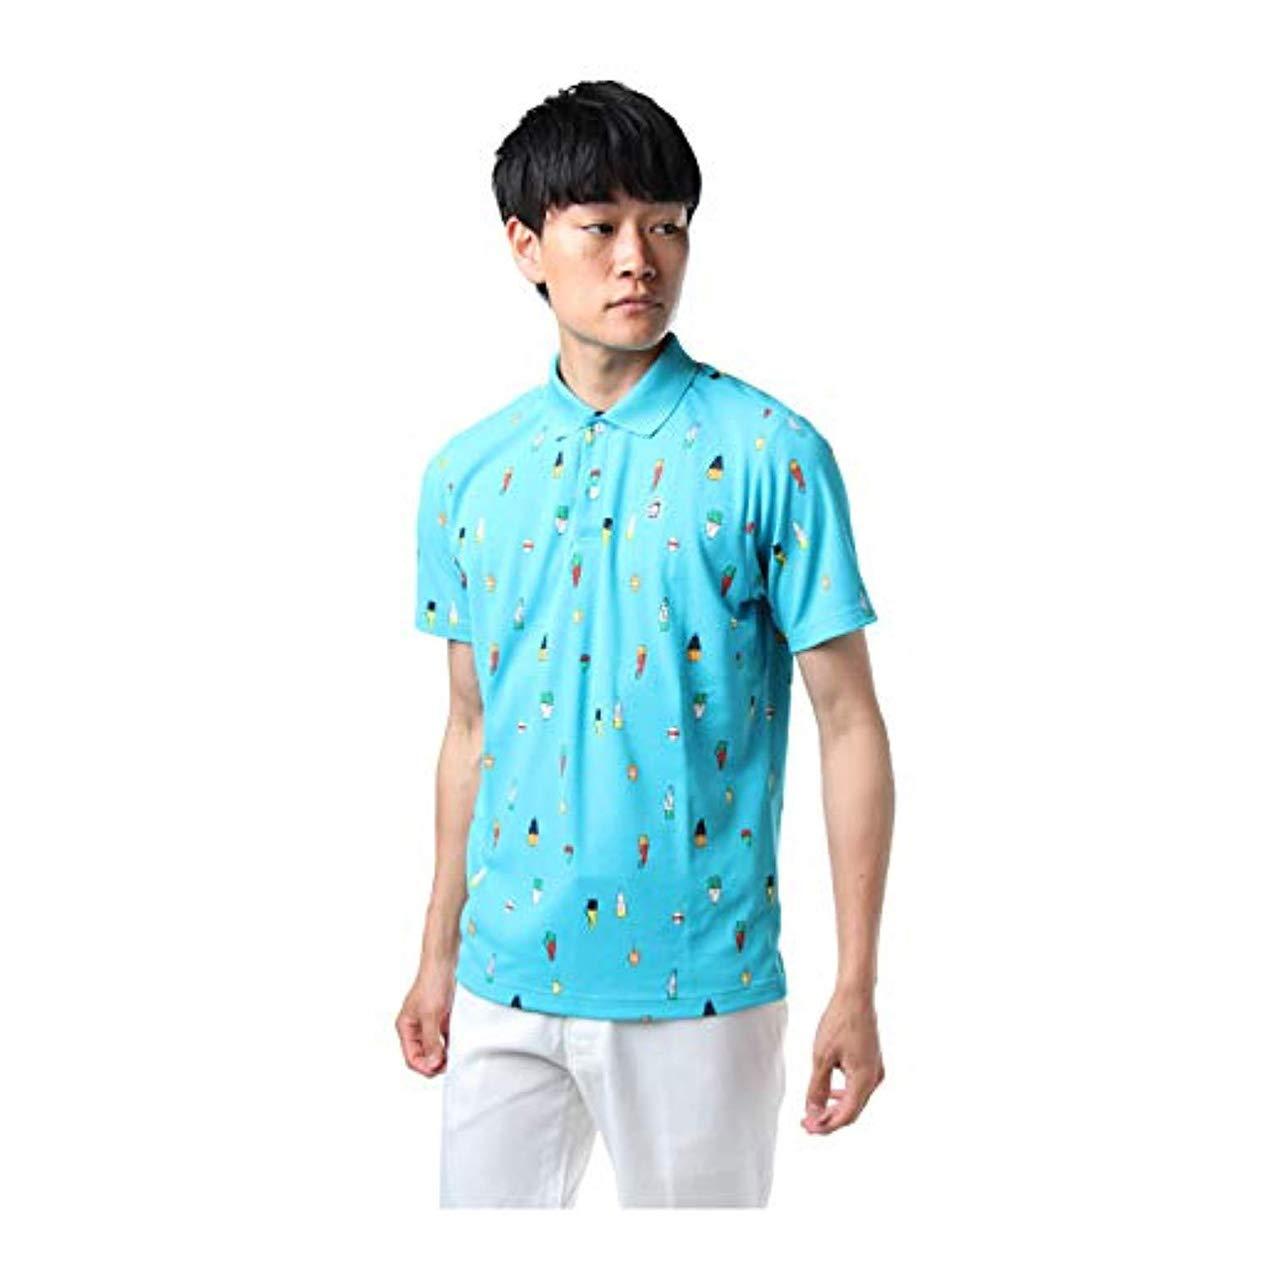 マンシングウェア(Munsingwear) DCSクーリング半袖シャツ MGMLJA22 BL00 ブルー LL   B07C76W6YF